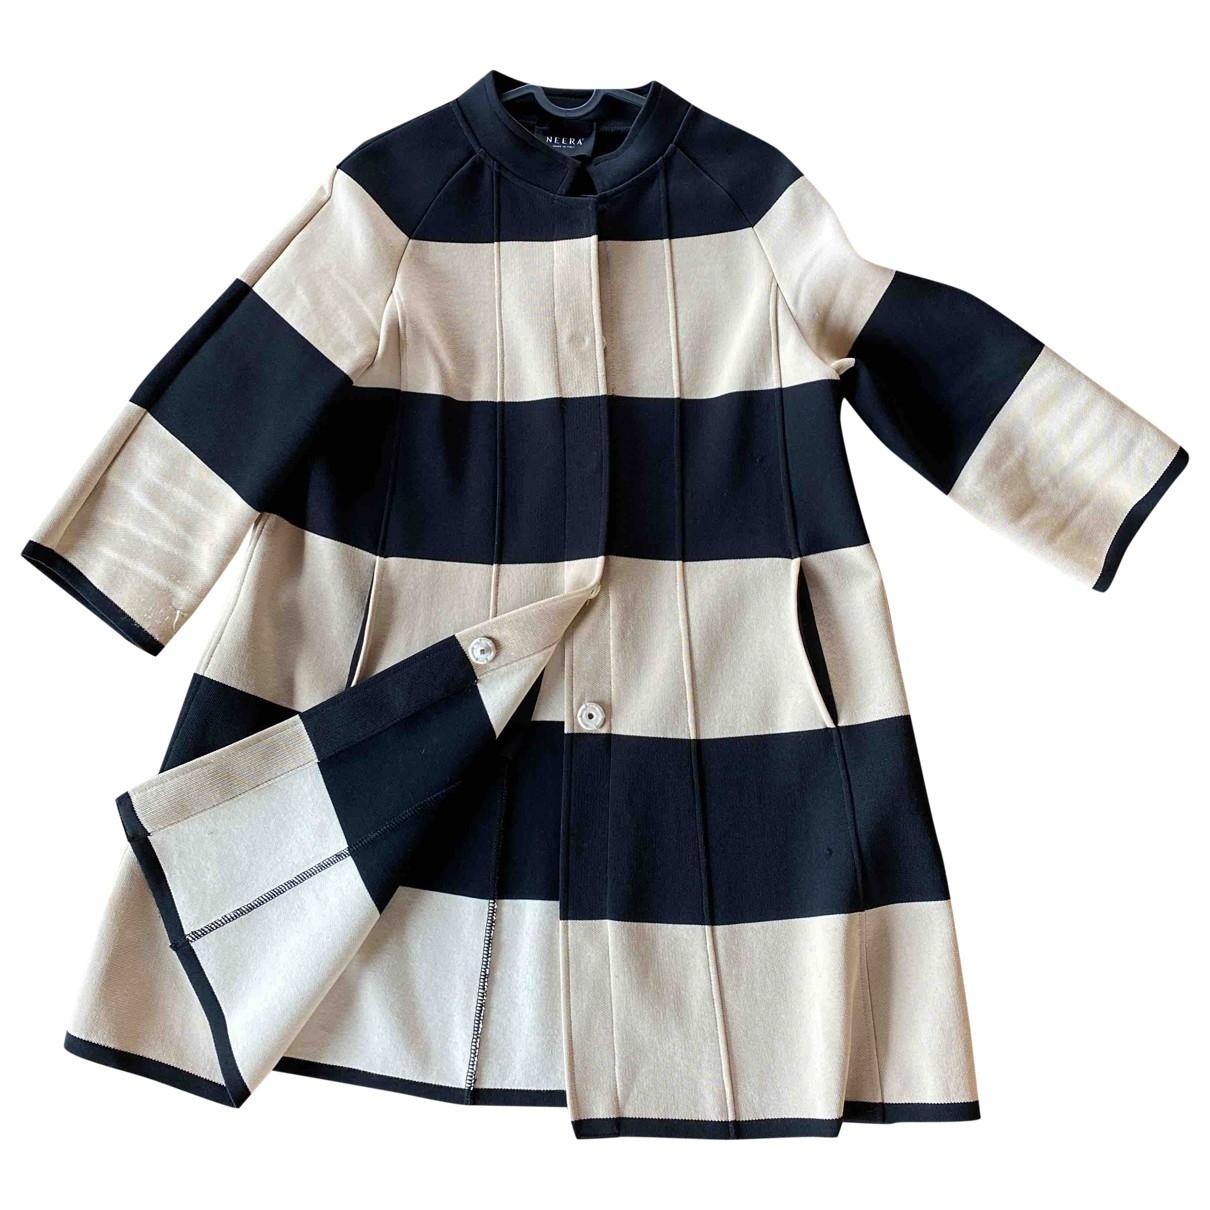 Neera \N Beige Cotton dress for Women 44 IT